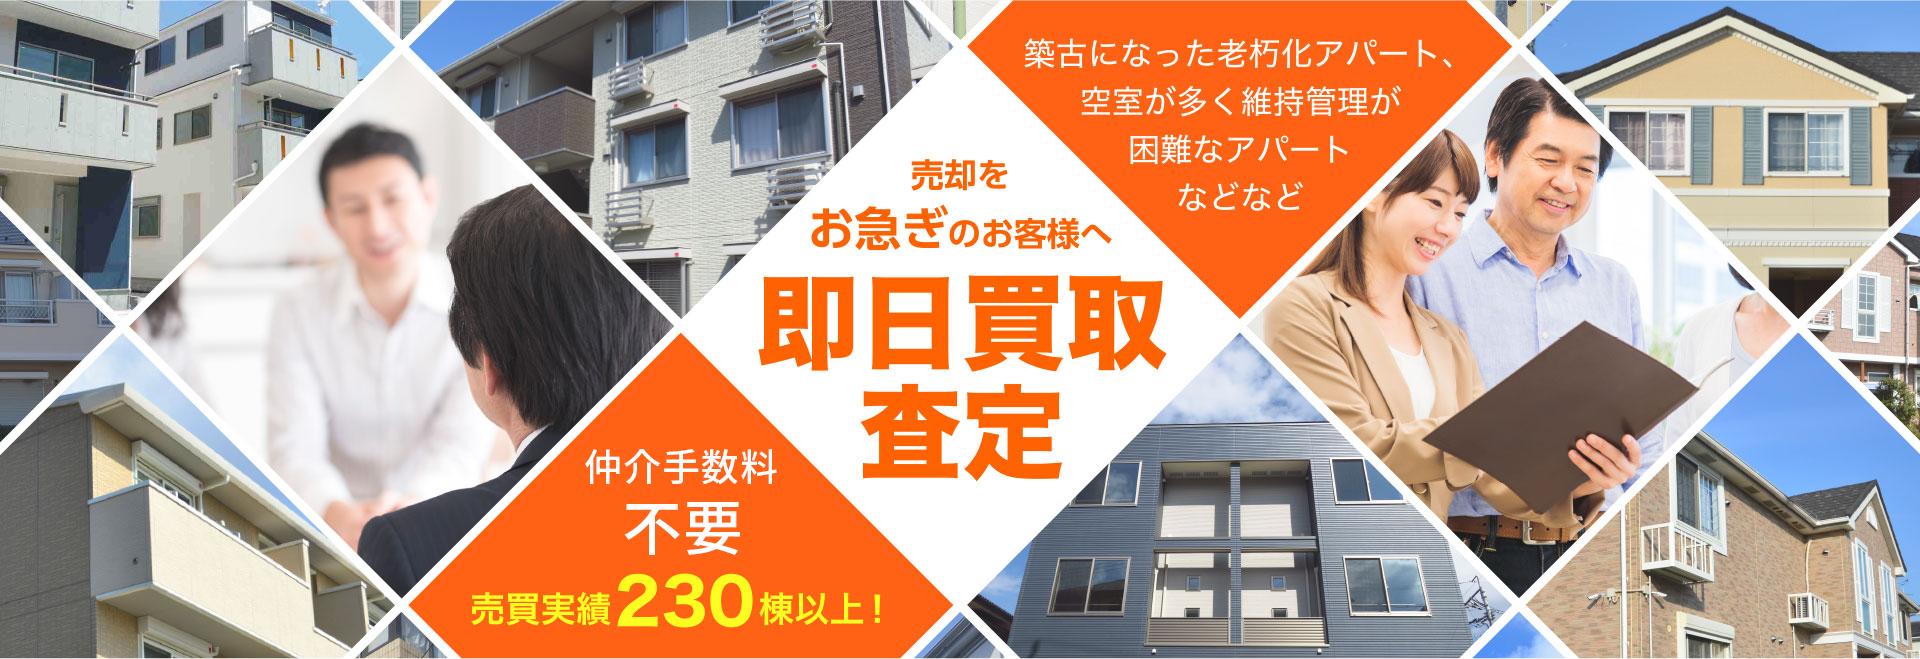 アパートの売却 アパートの買取を即時査定 アパートの買取・売却実績230棟以上!